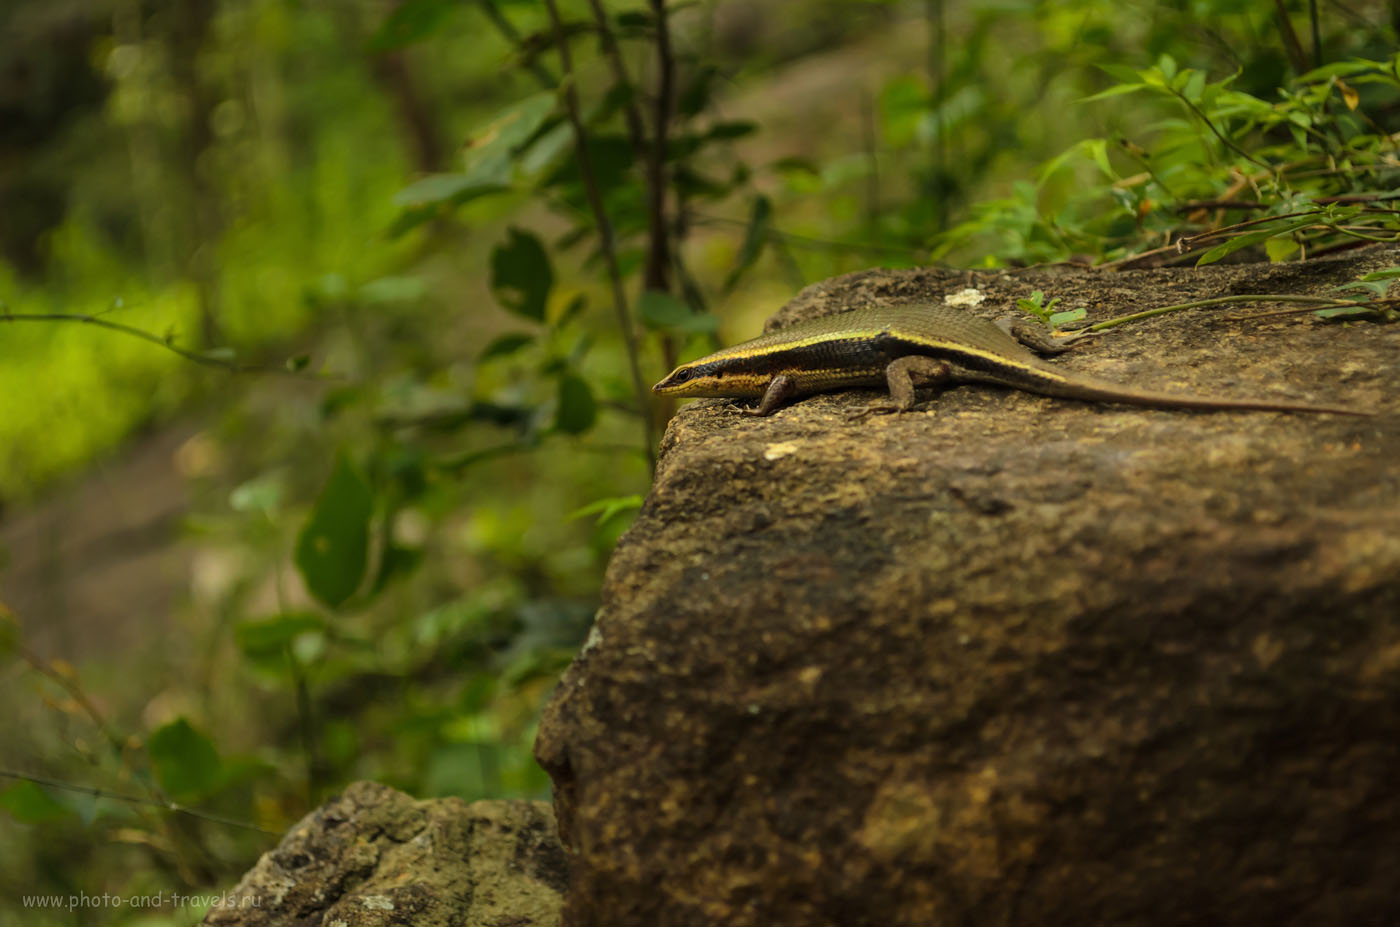 Фото 13. Ящерица на каменной ступени у подножья горы Сигирия. Отзывы туристов о самостоятельных поездках к интересным местам на Шри-Ланке.